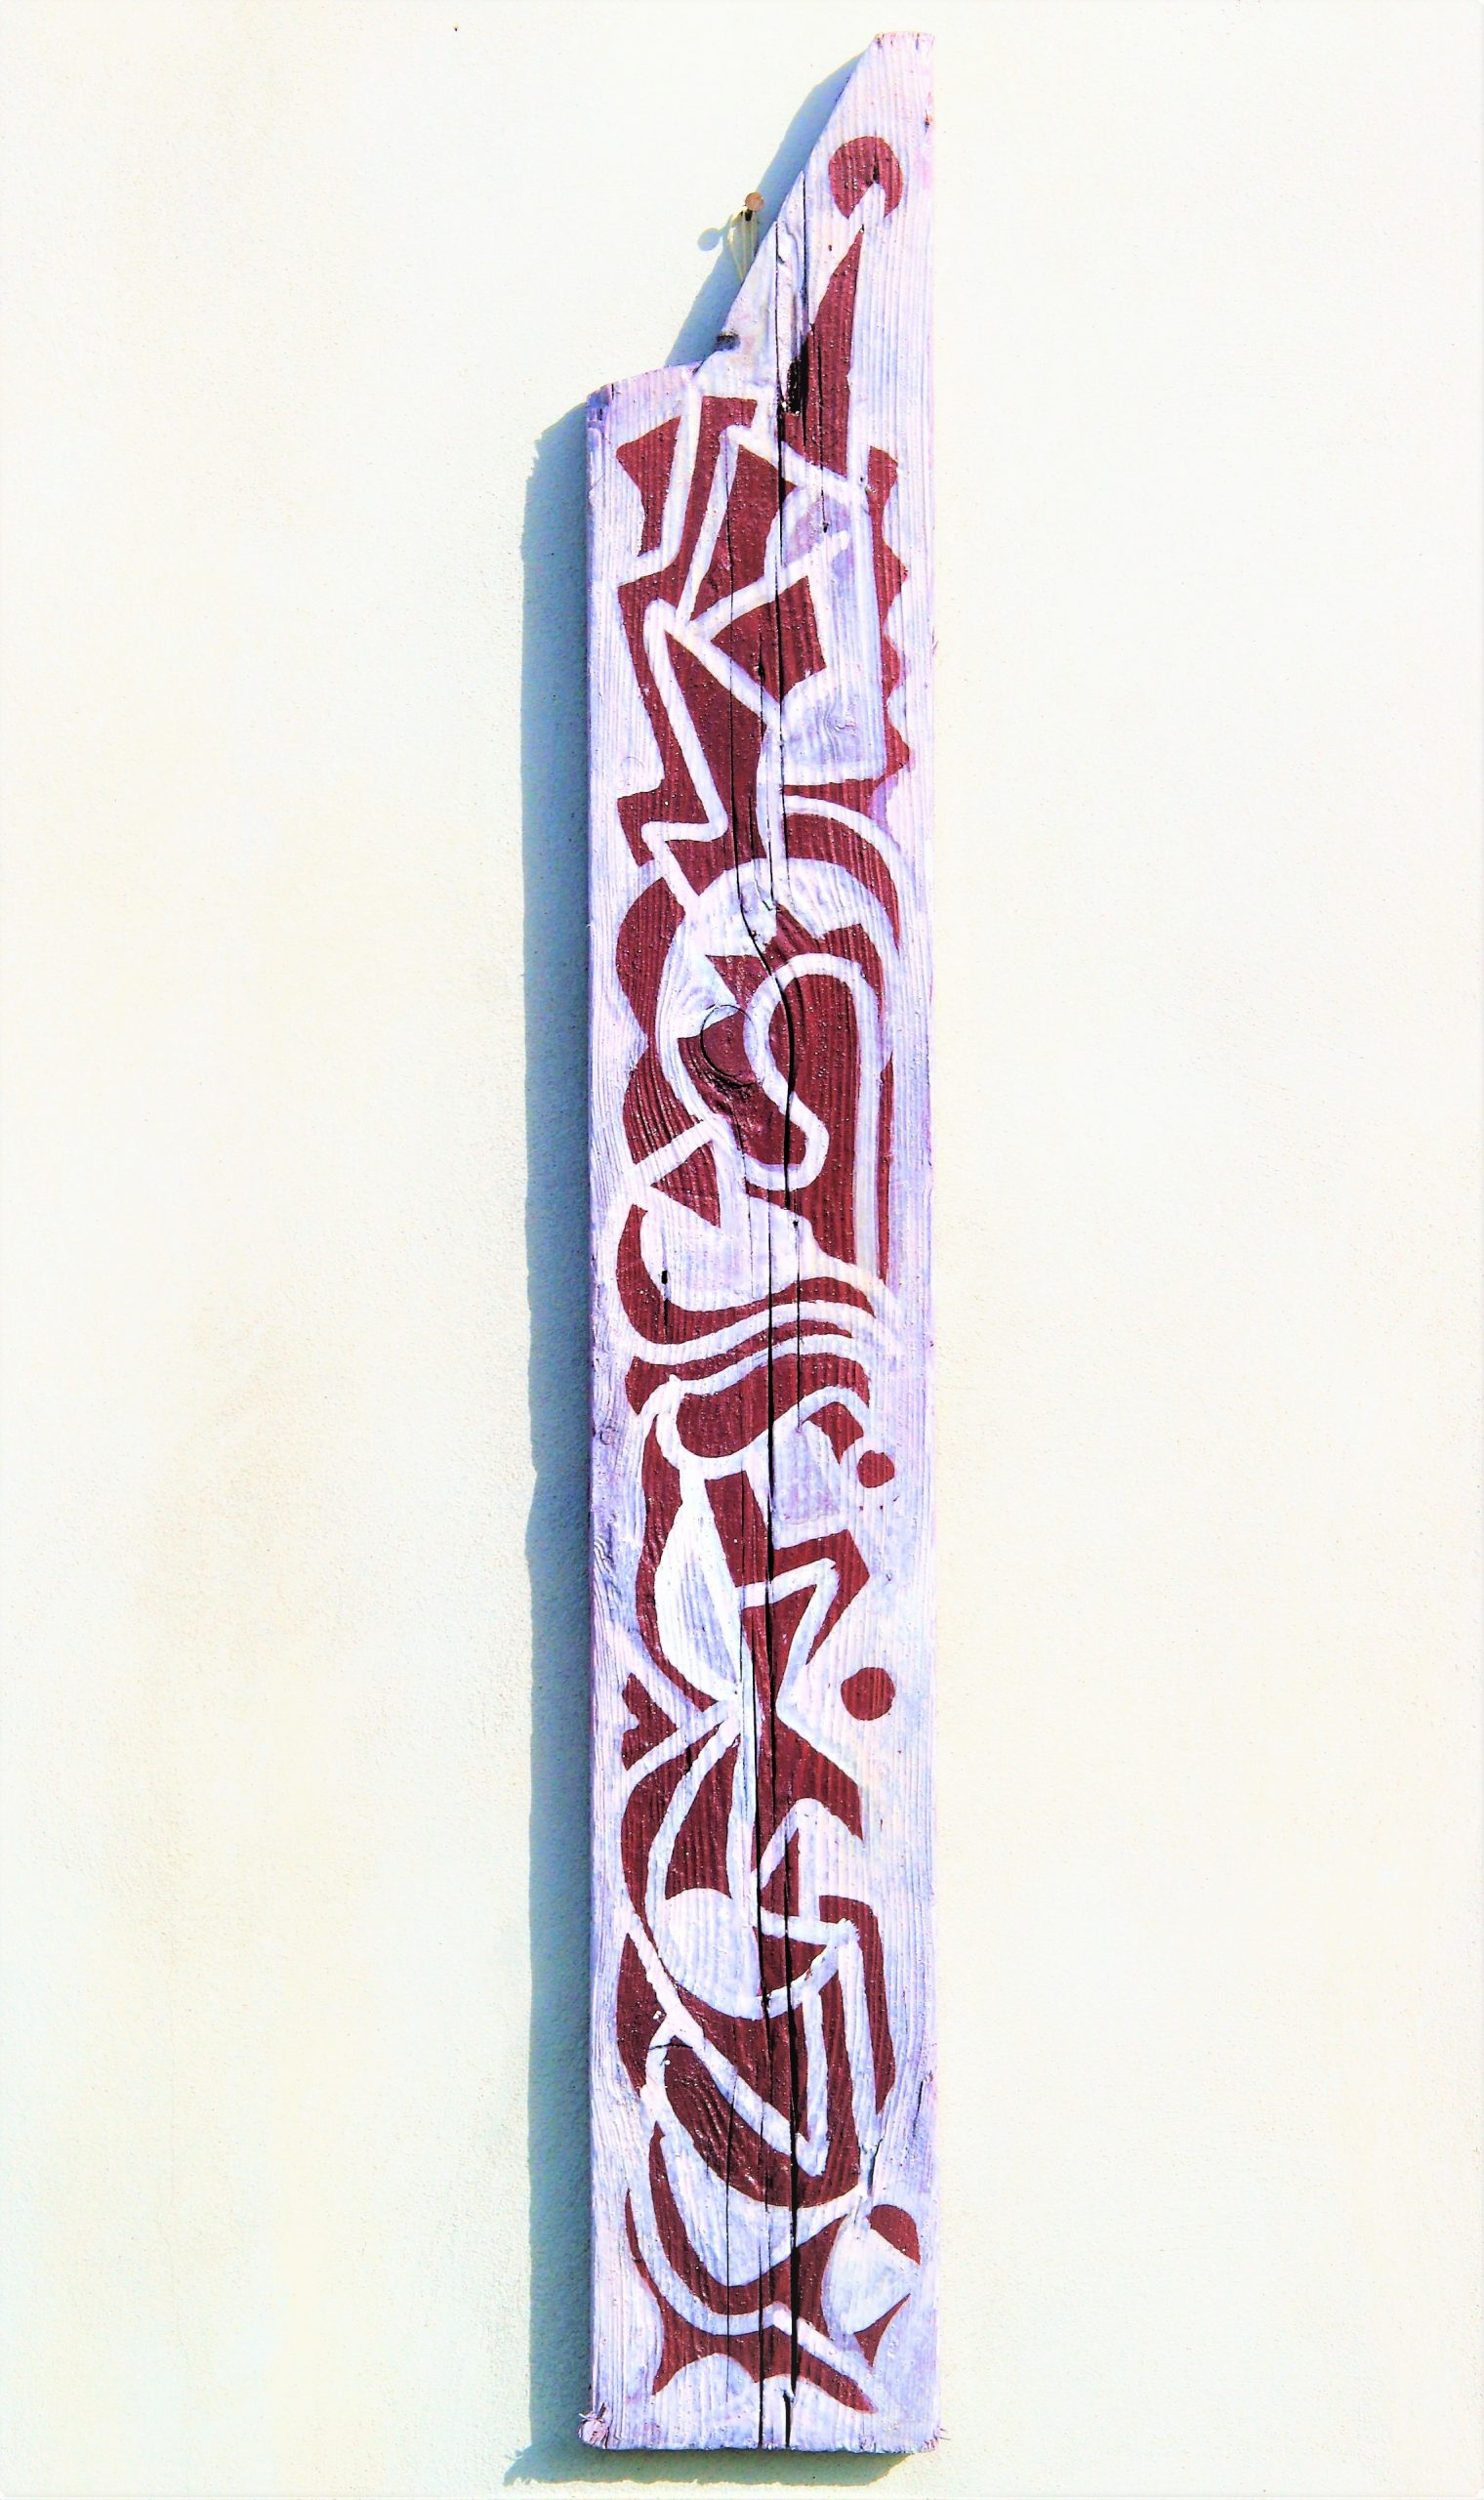 abstract claudio arezzo di trifiletti